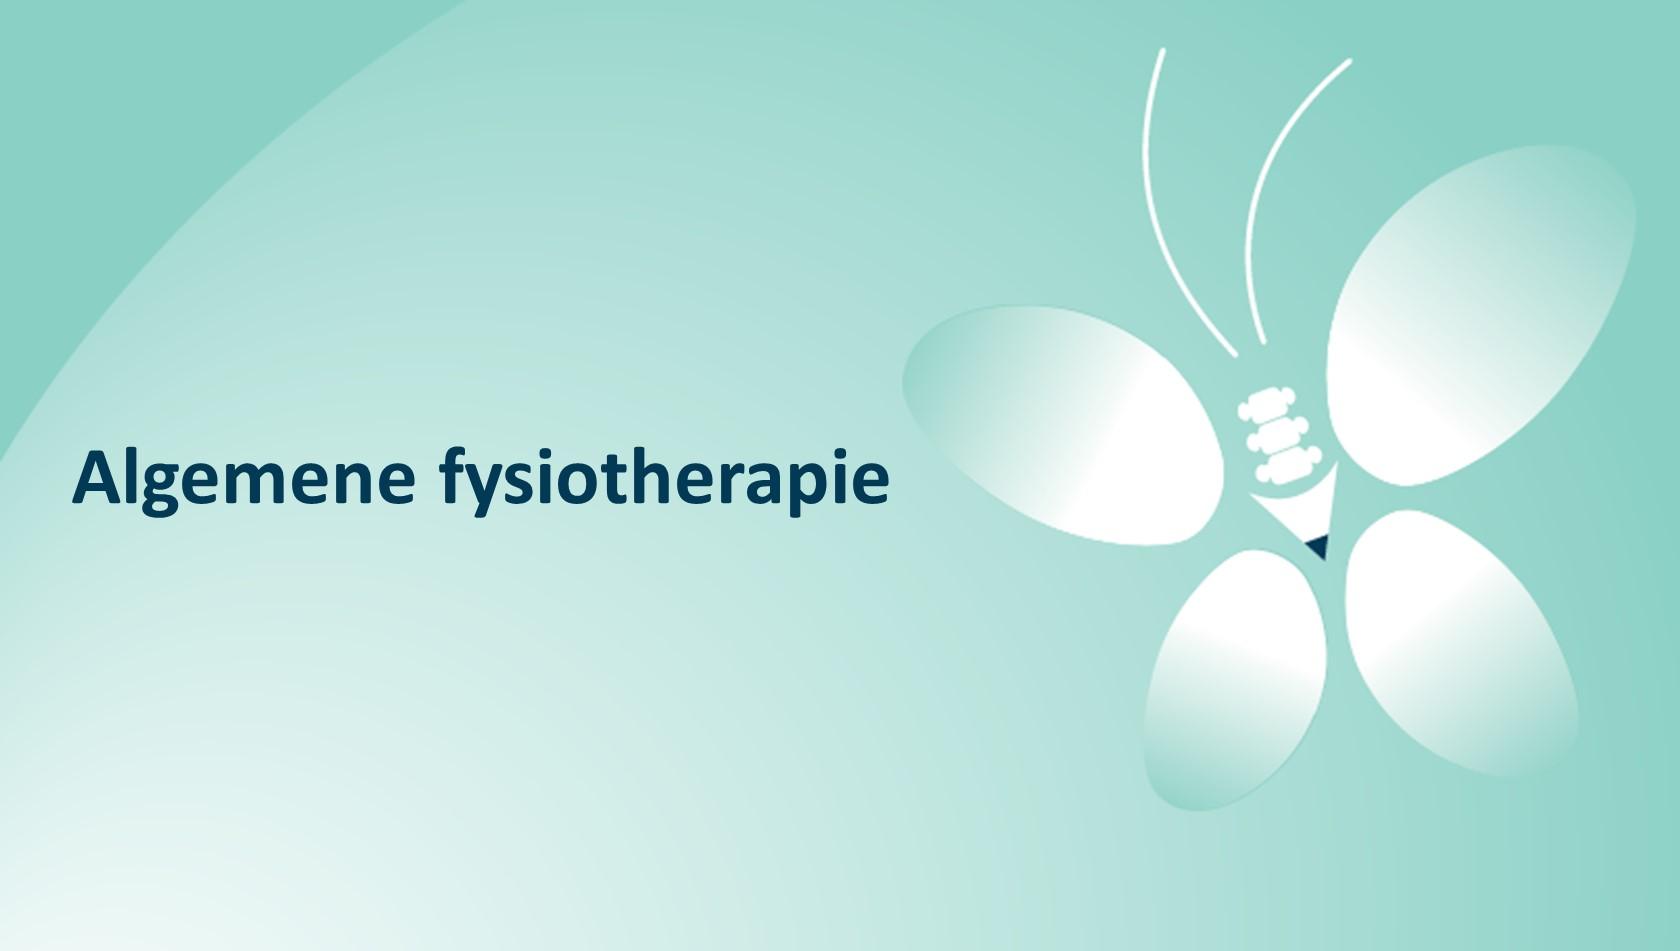 Stuitproblematiek in de algemene fysiotherapie_image